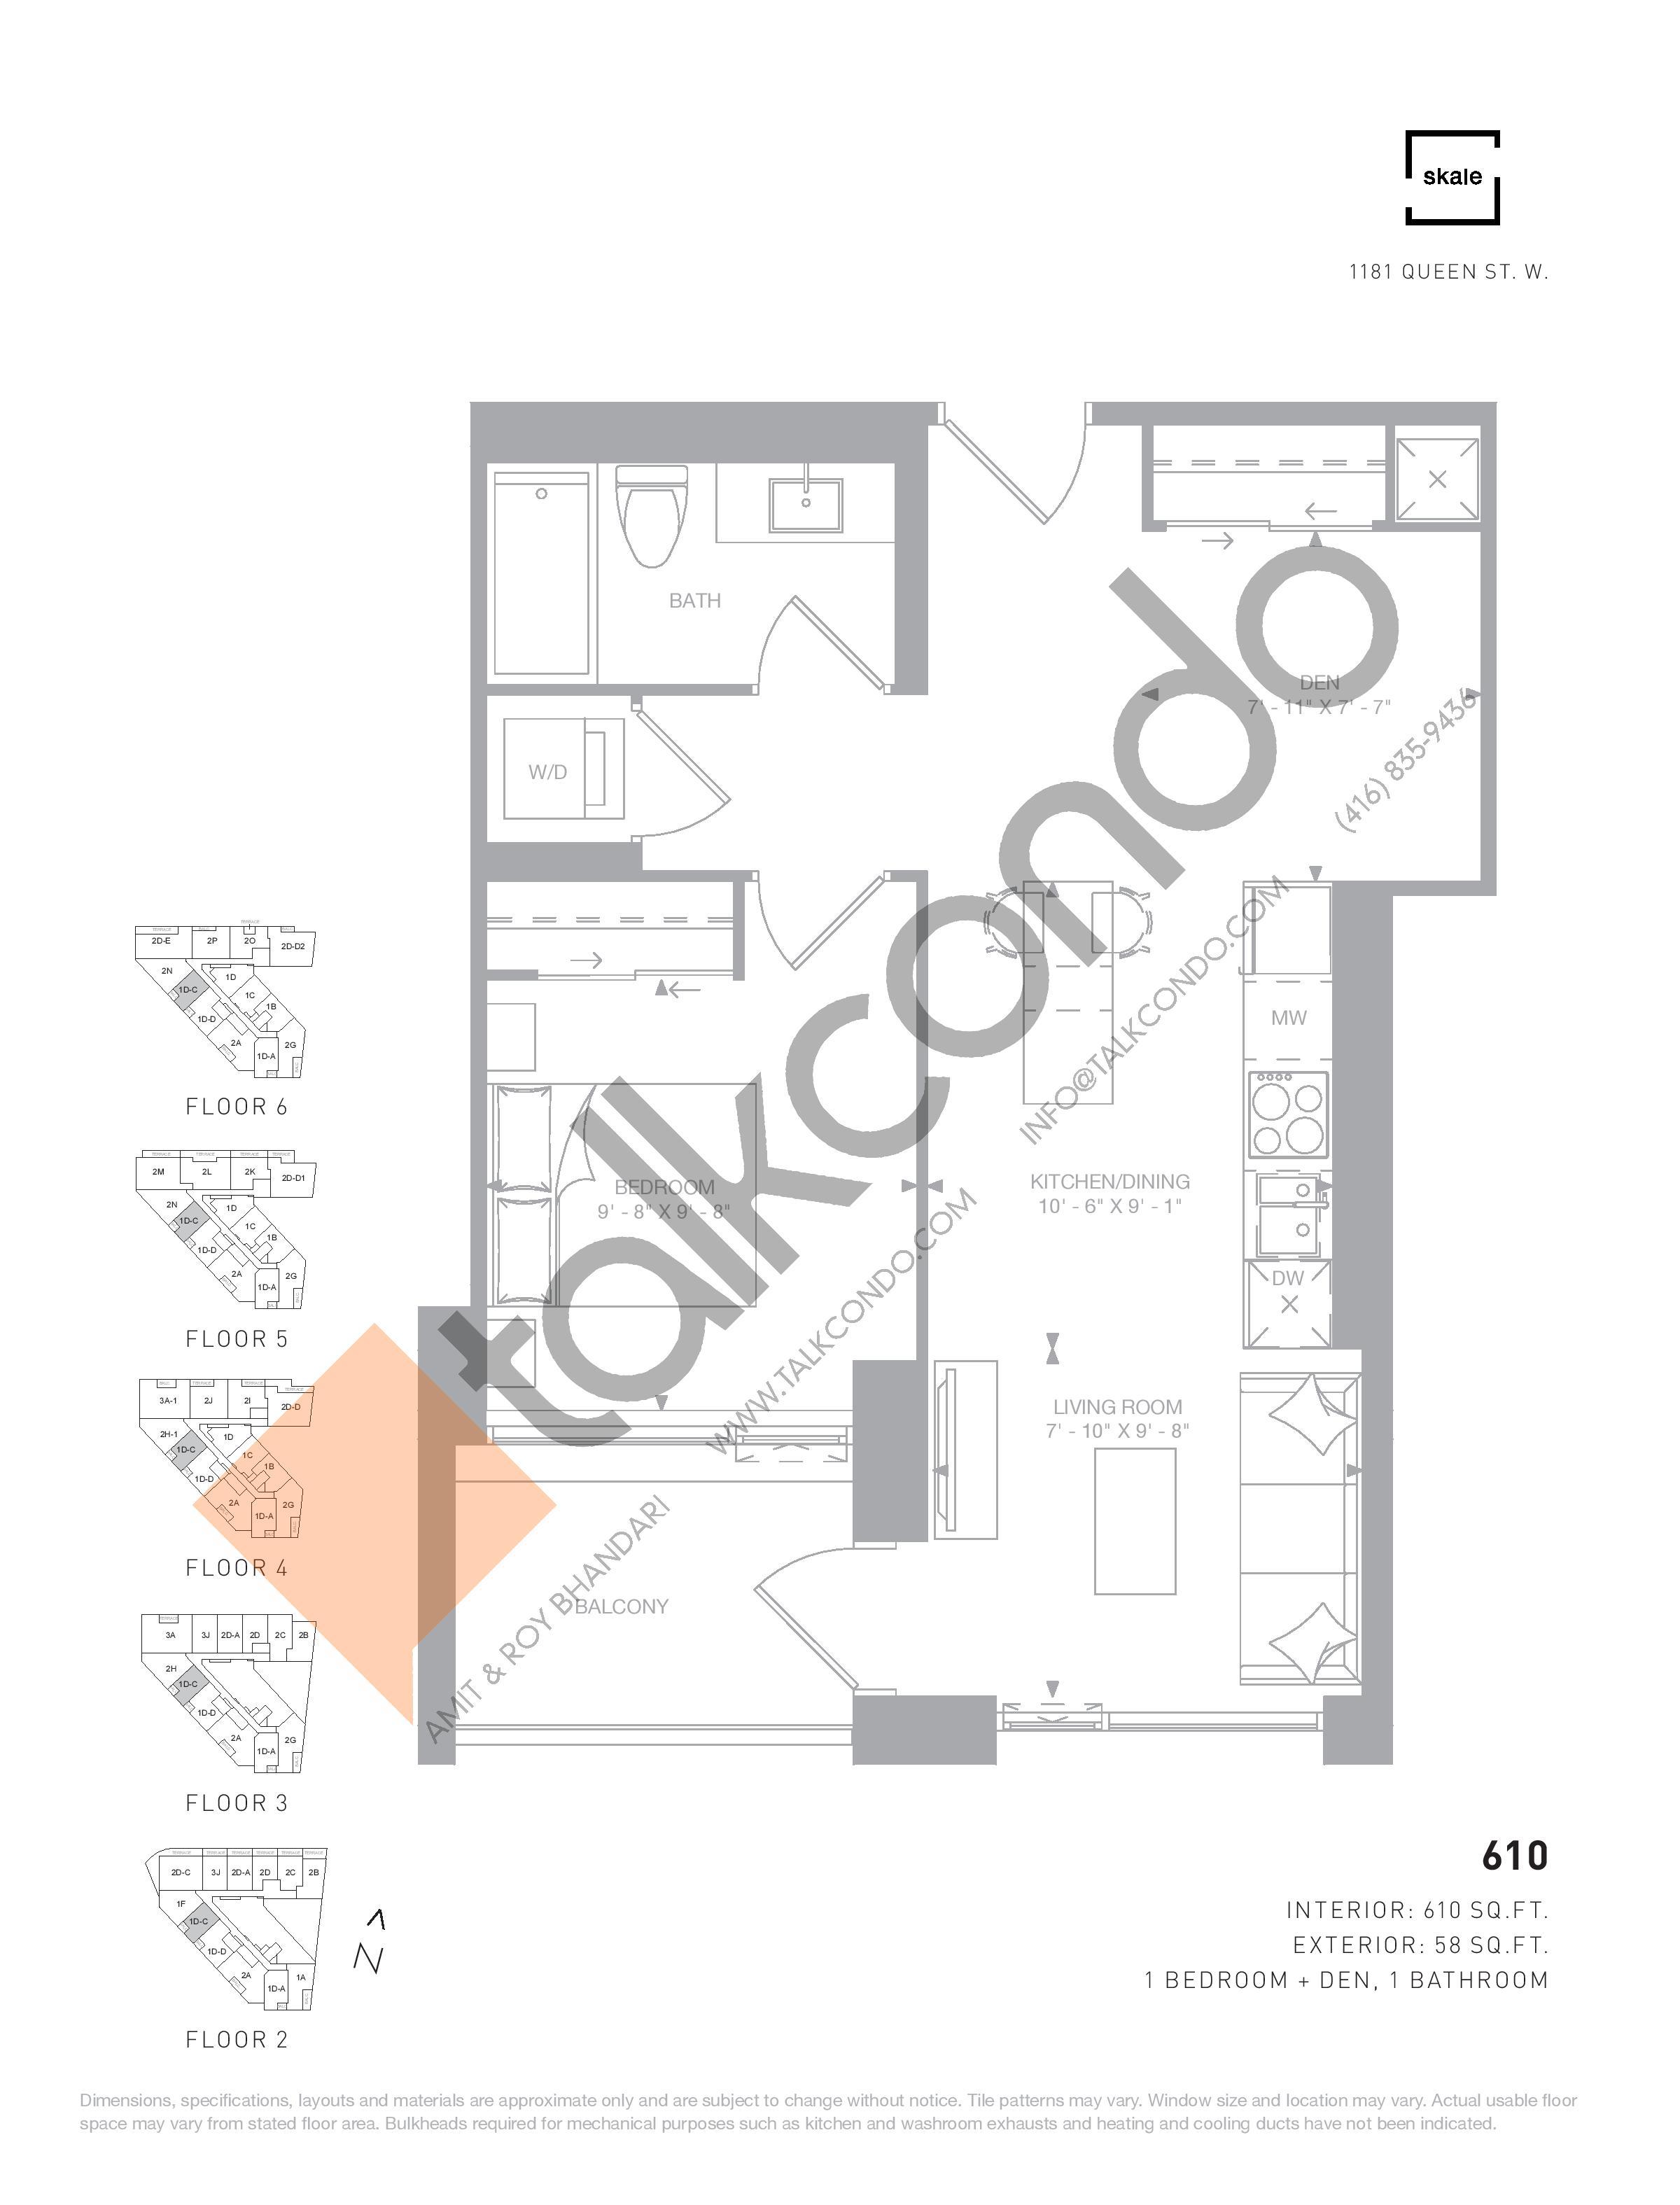 610 Floor Plan at 1181 Queen West Condos - 610 sq.ft